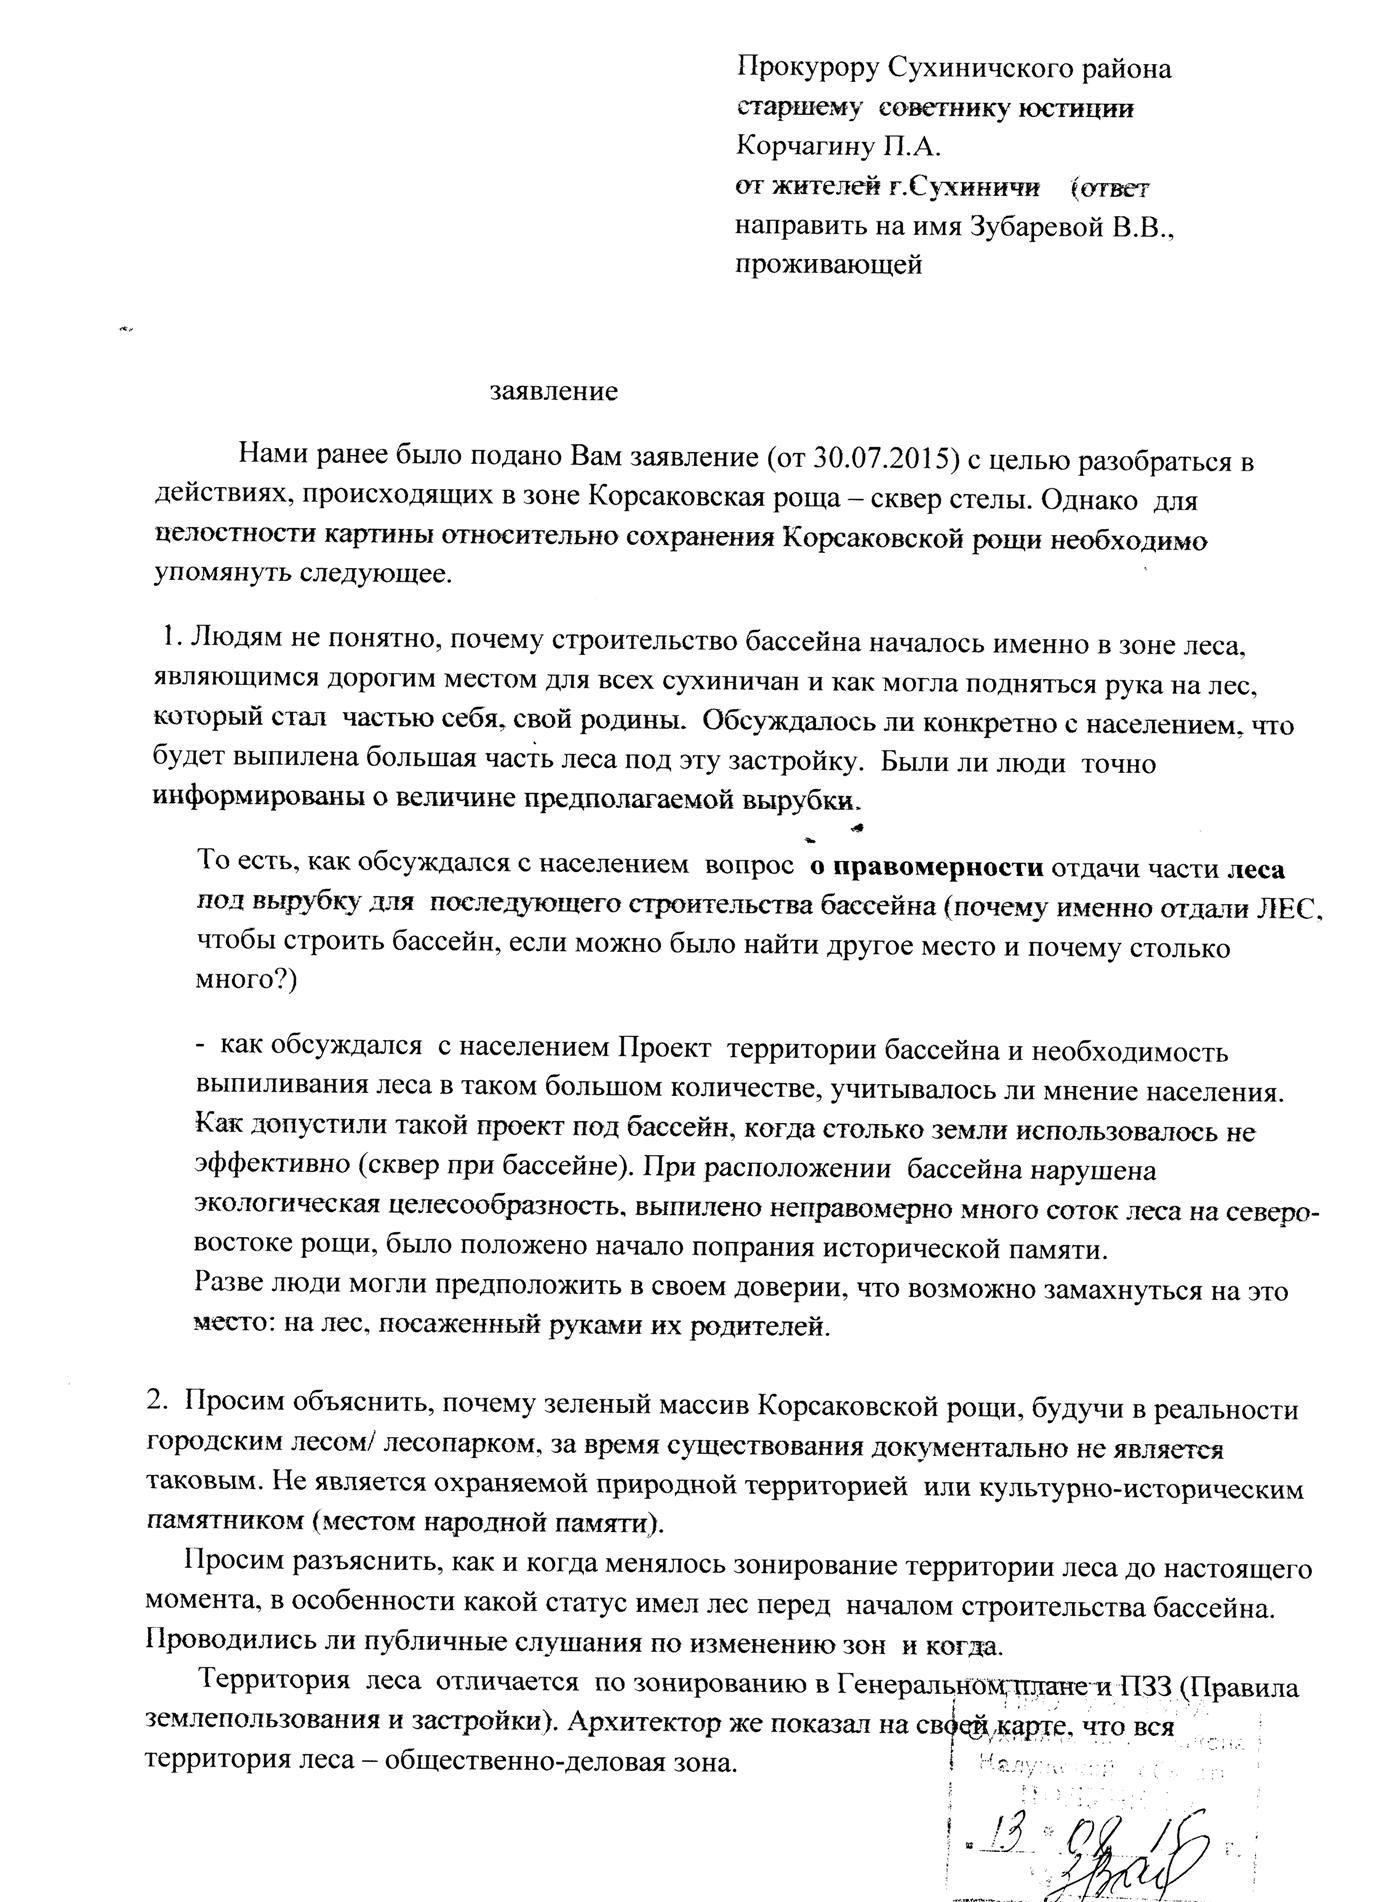 Заявление в пр-ру от 13.08.2015_1